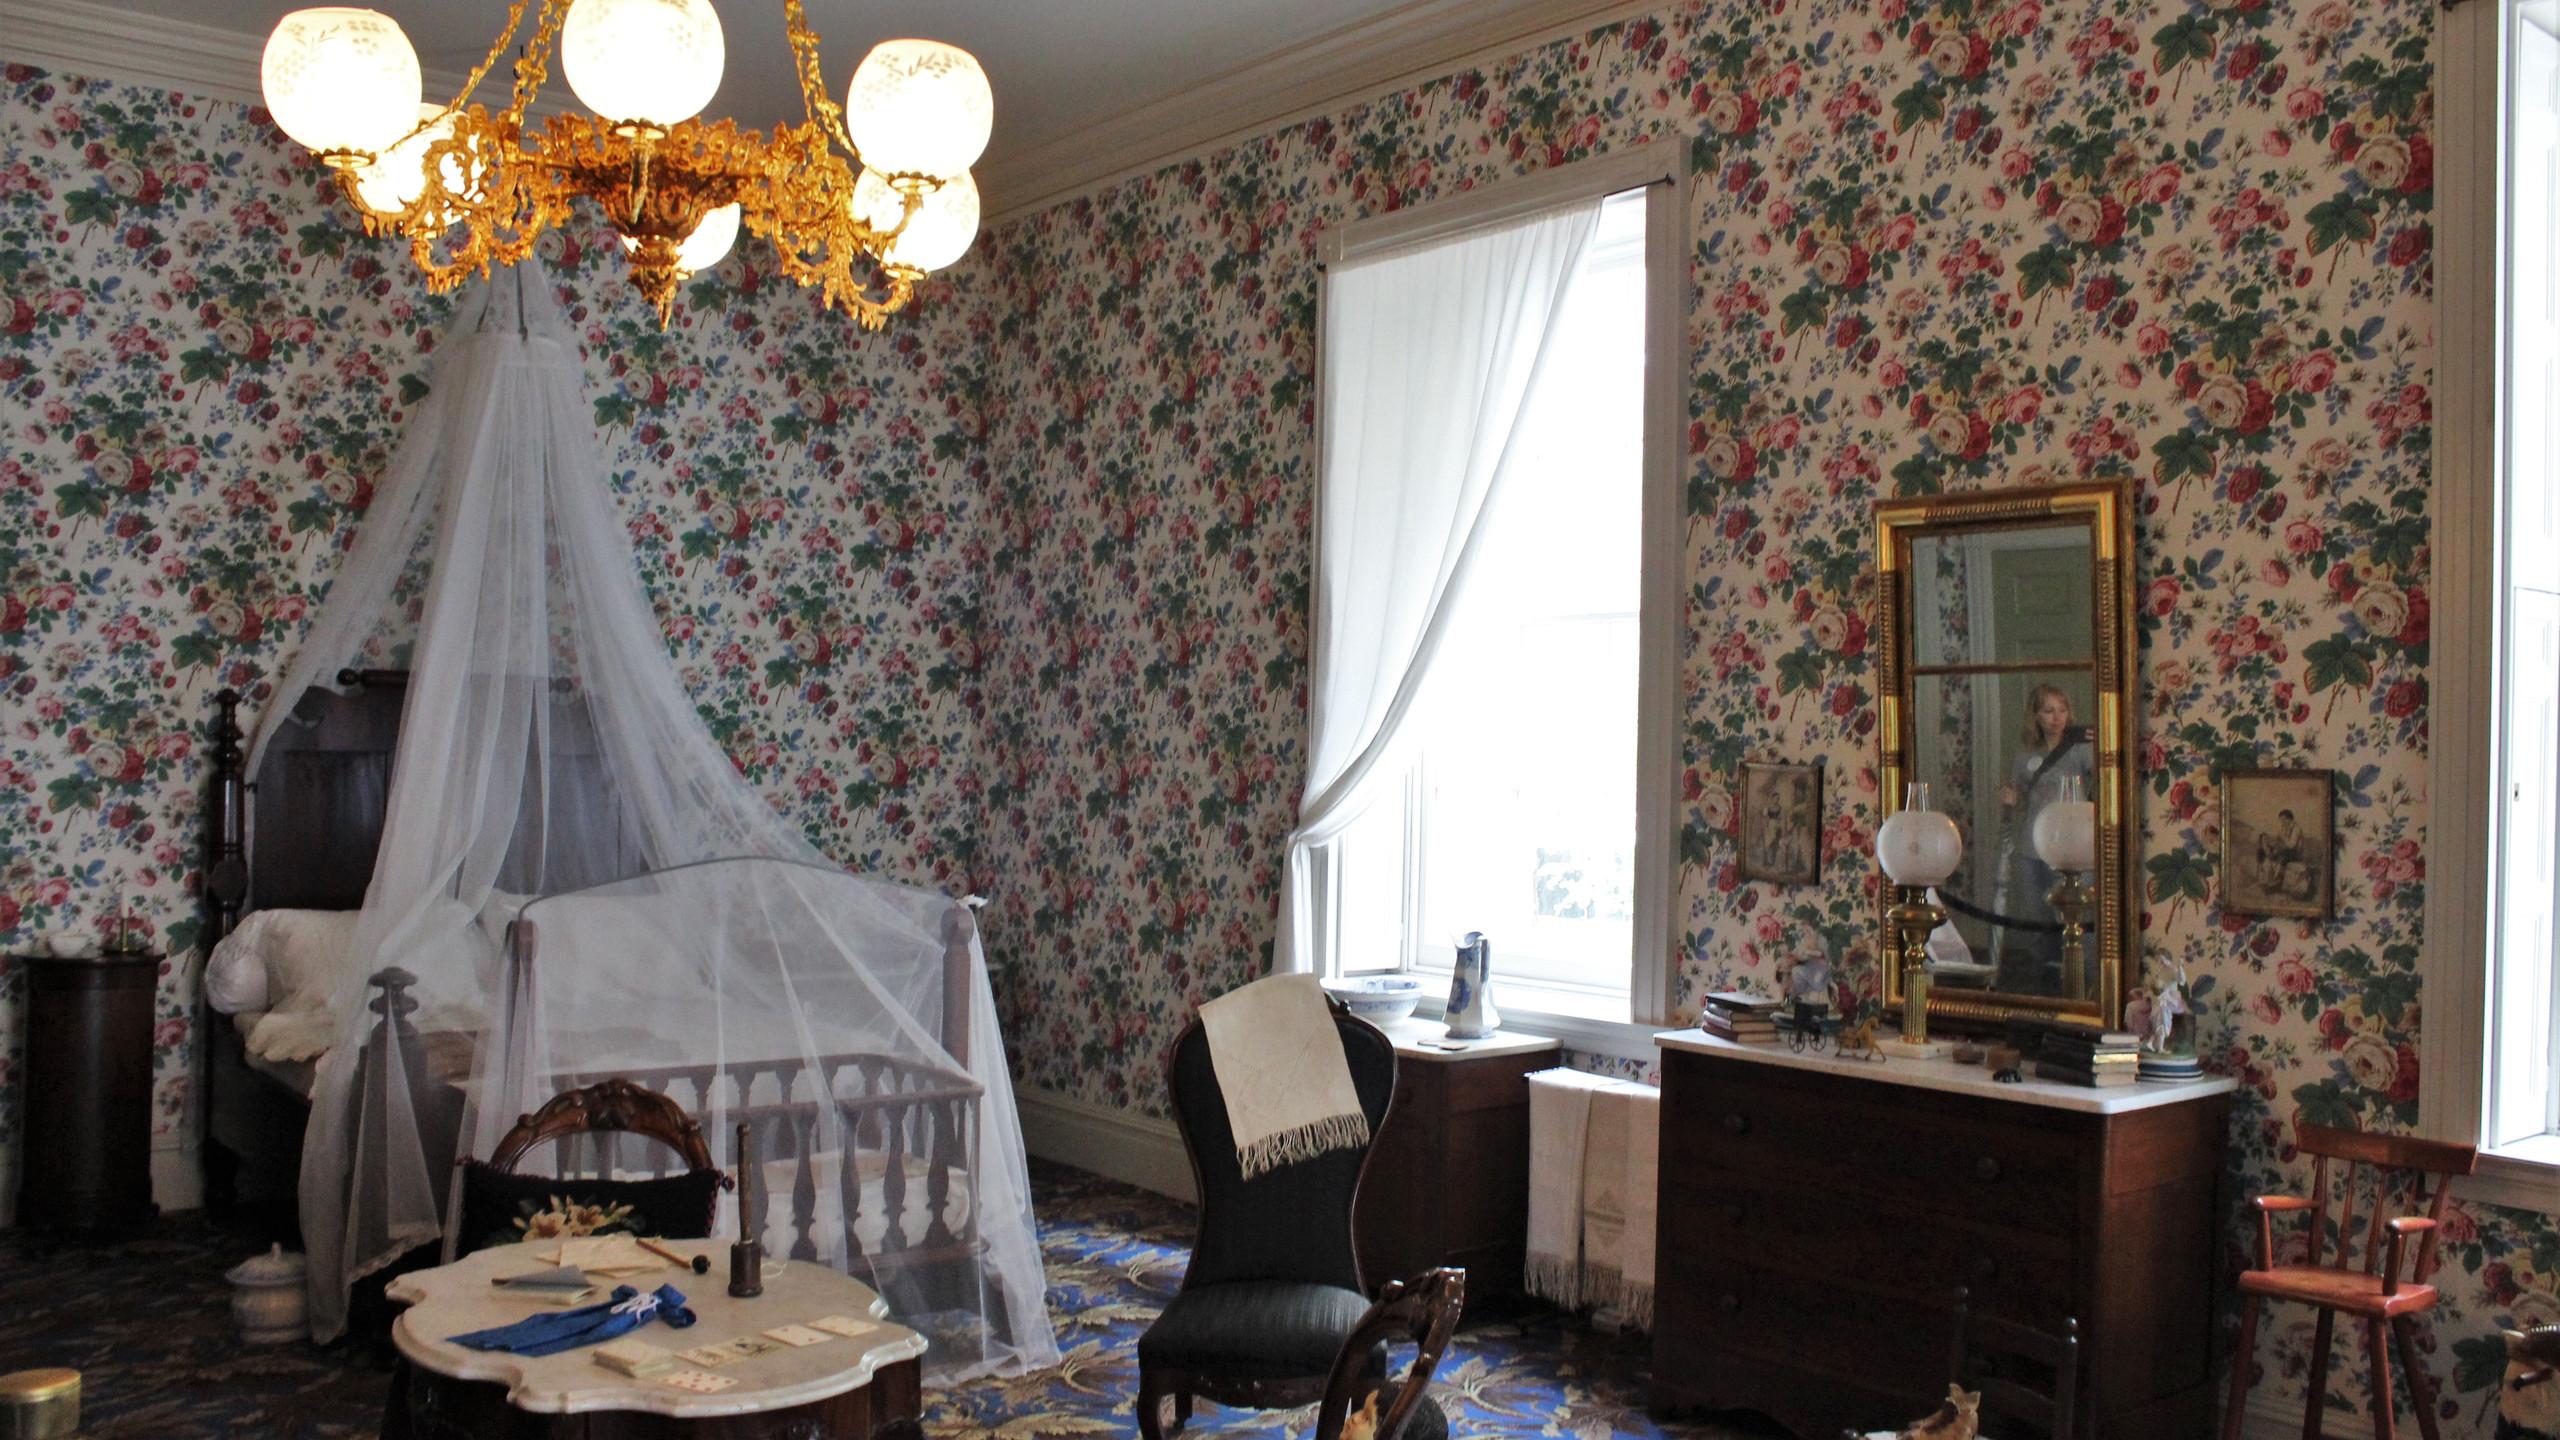 The Children's Bedroom